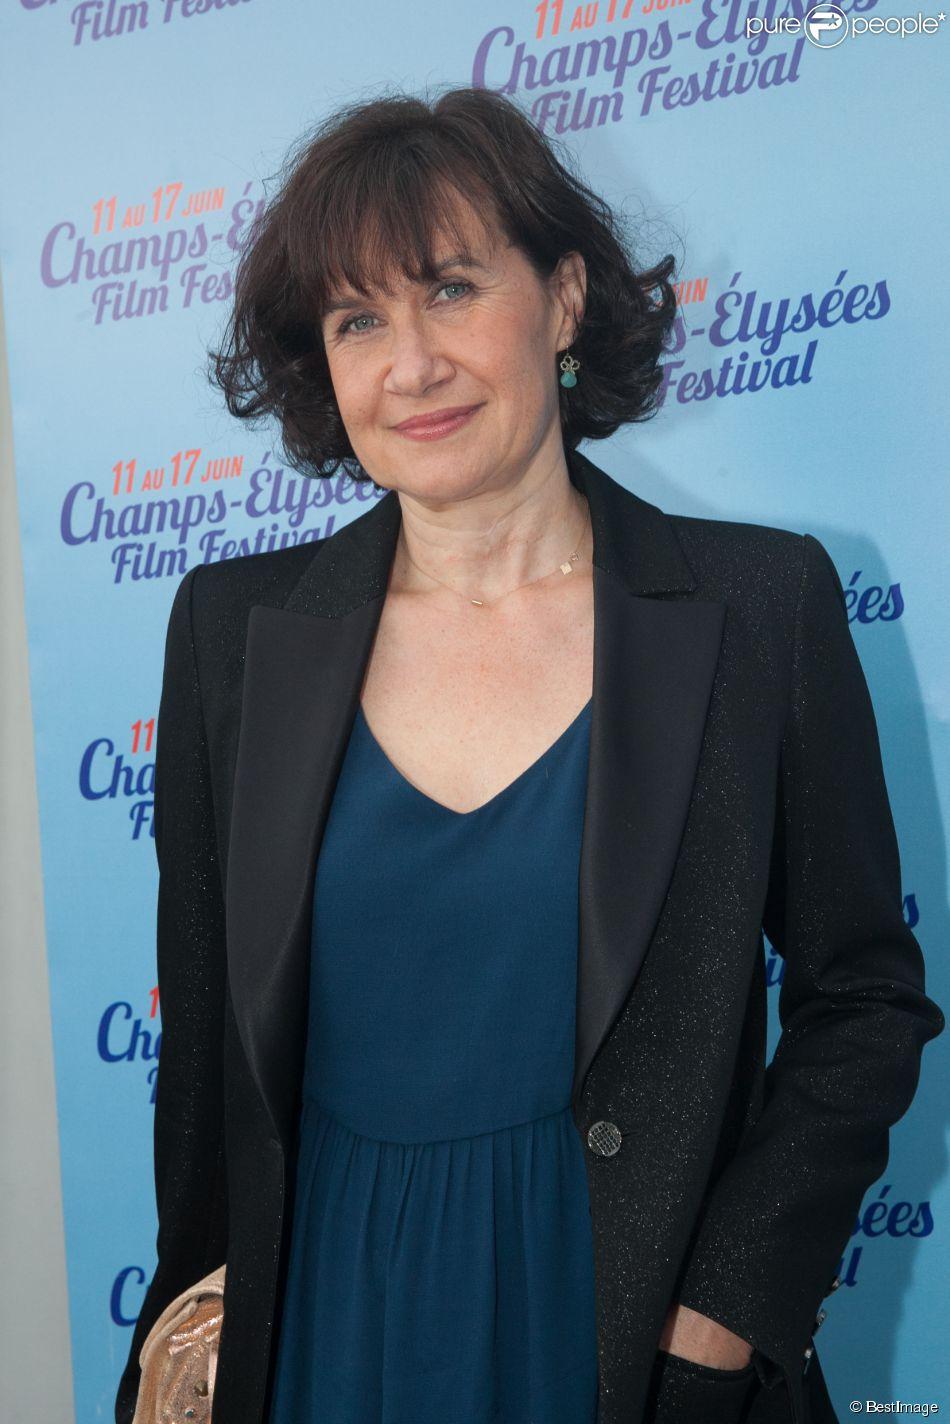 """Exclusif - Anne Le Ny - Avant-première du film """"On a failli être amies"""" dans le cadre du 3e Champs-Elysées Film Festival à Paris, le 16 juin 2014."""